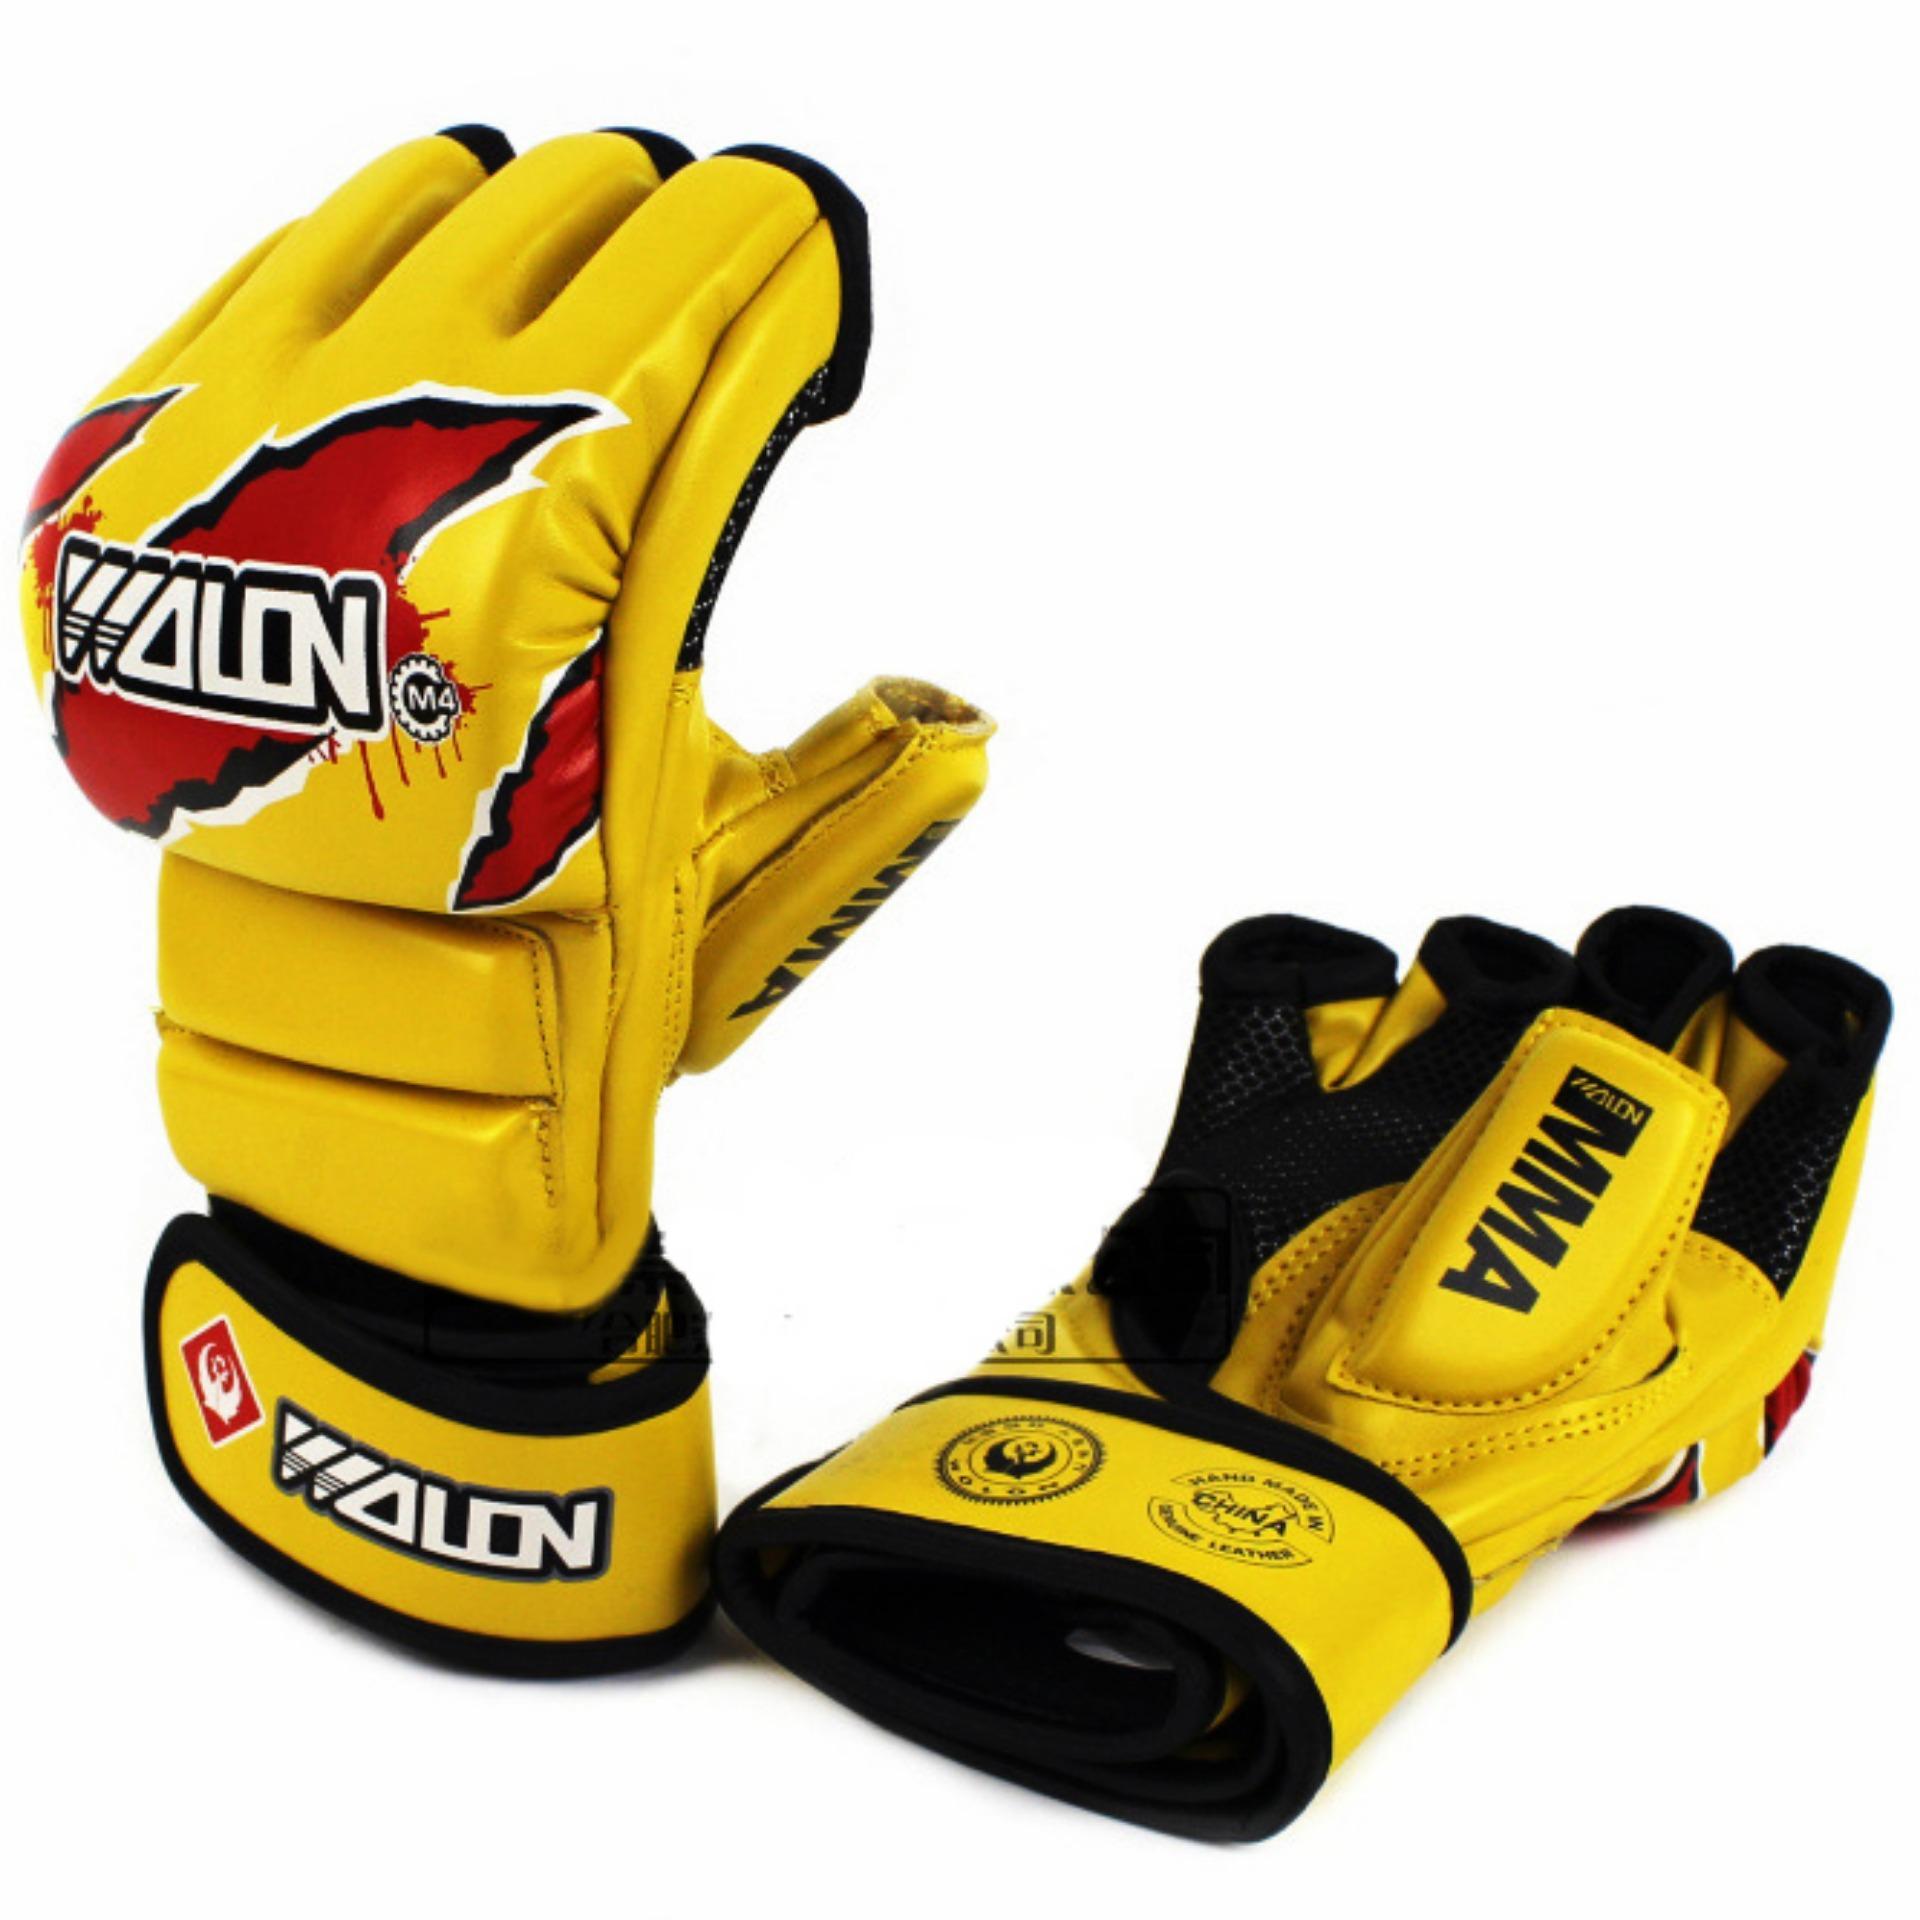 Găng Tay MMA Wolon Fighter Gloves (Vàng)